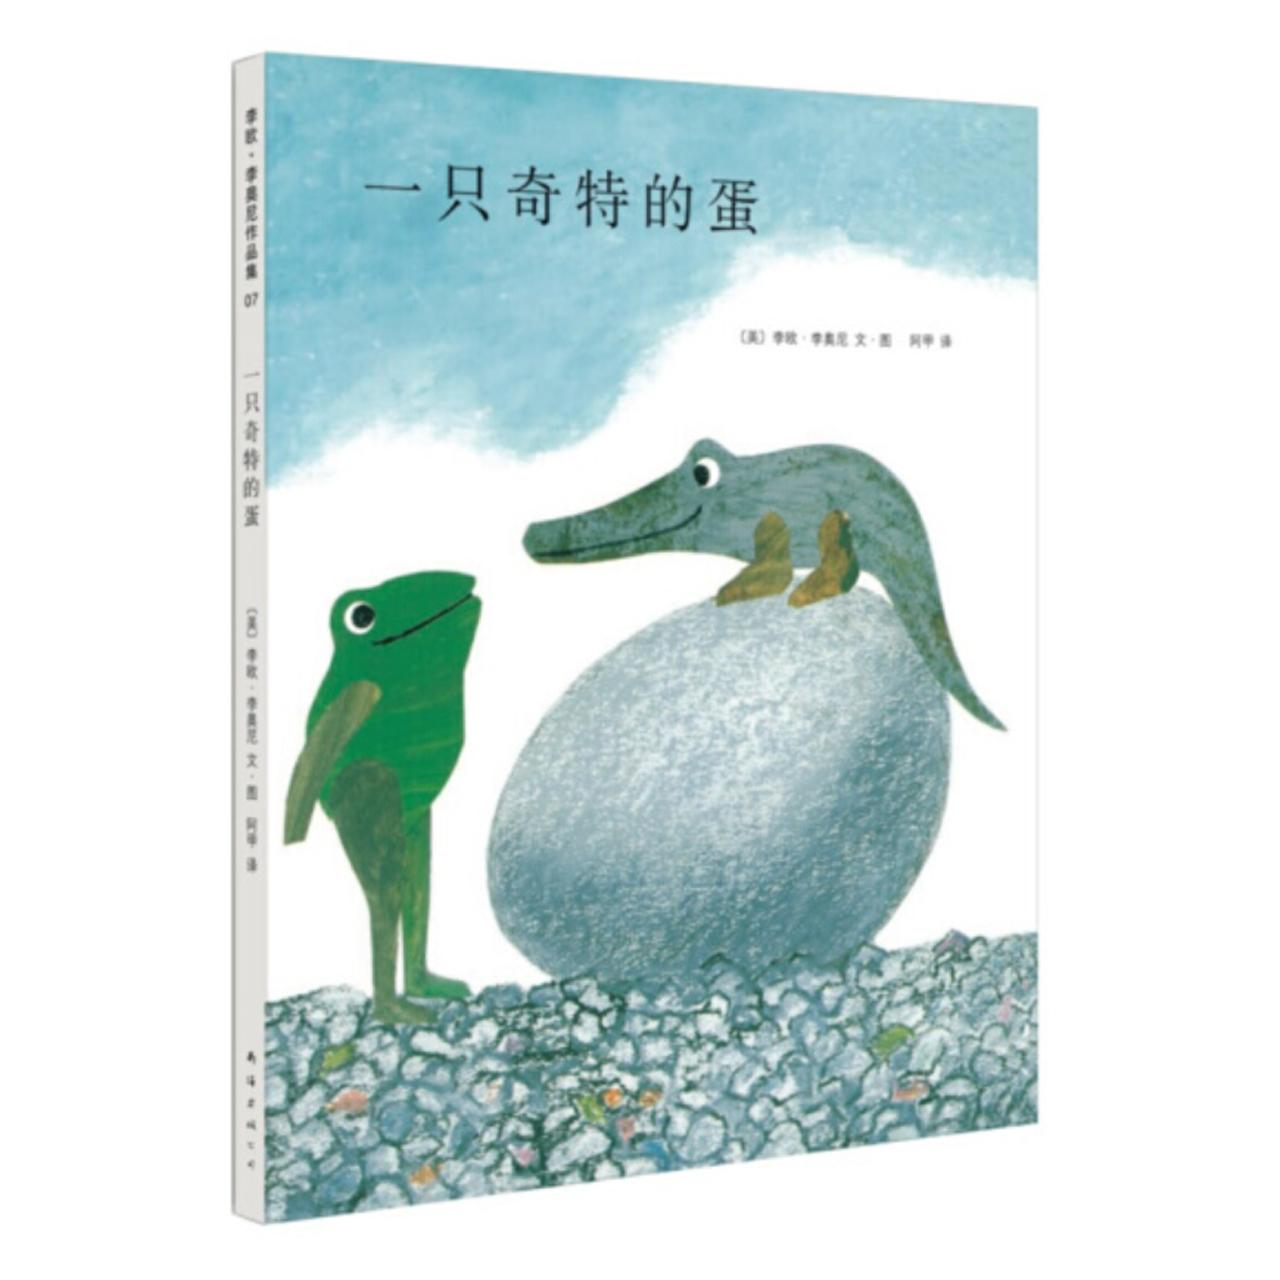 一只奇特的蛋【儿童绘本/翻译绘本/动物绘本】